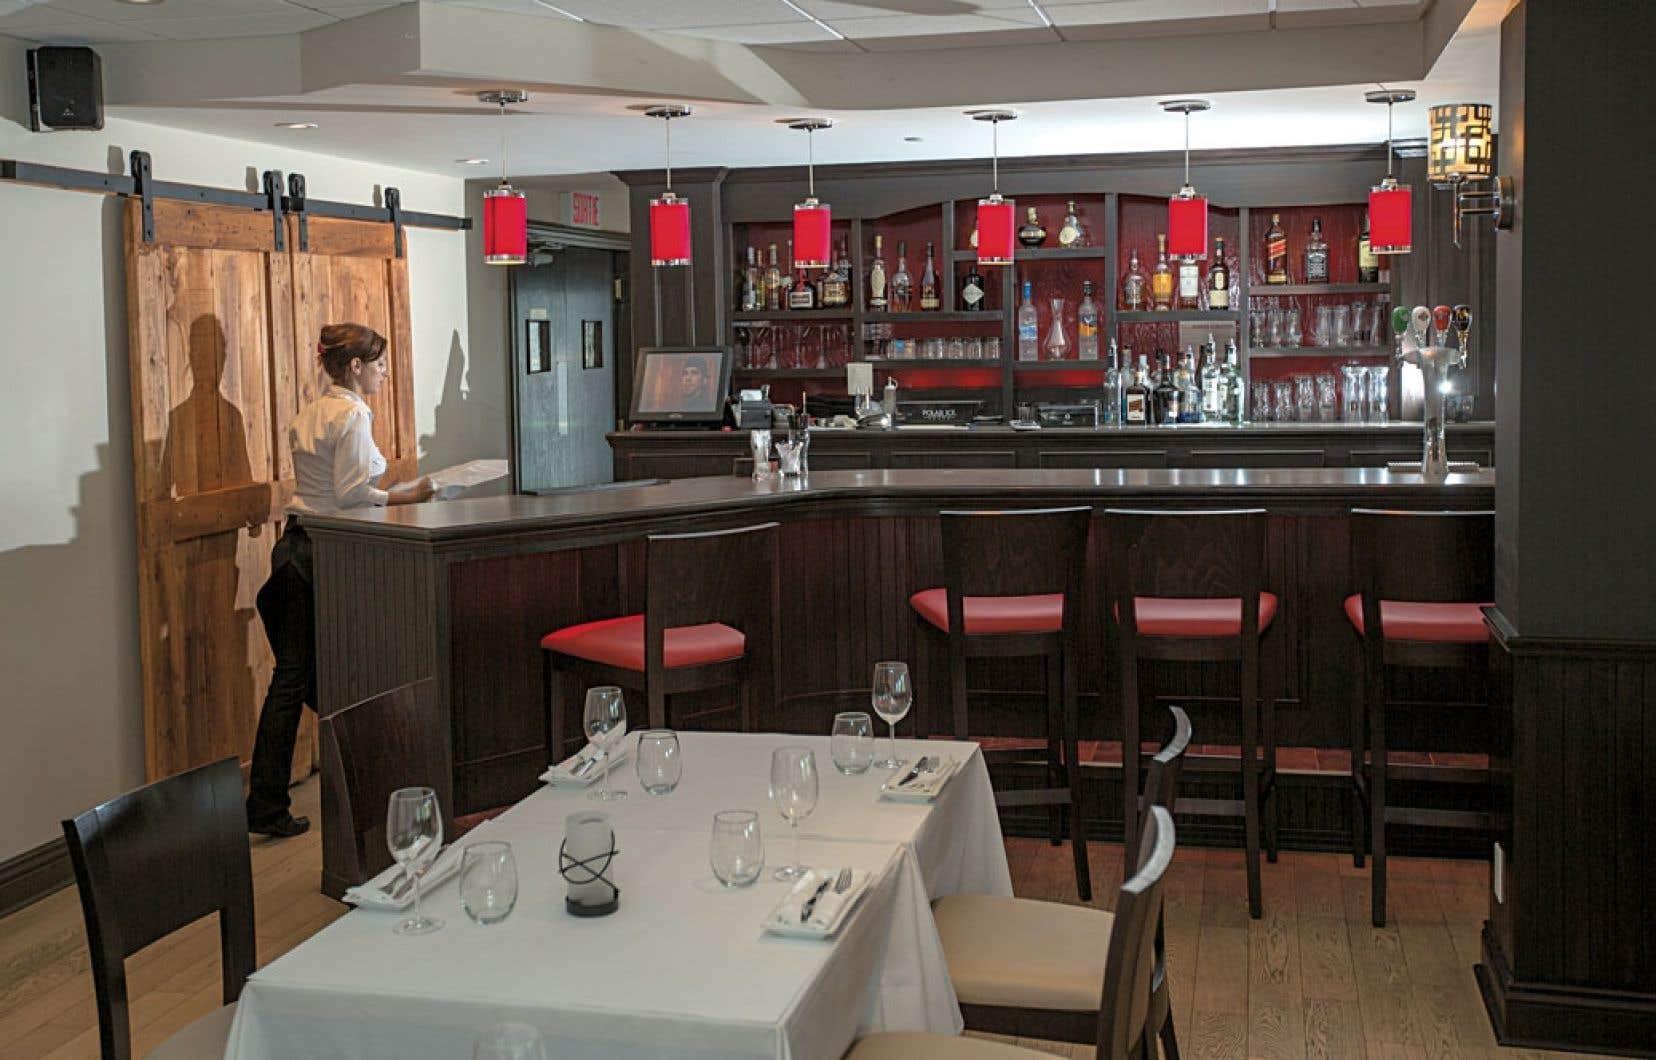 Le restaurant permet tant la convivialité que le tête à tête amoureux ou les réunions d'affaires et familiales.